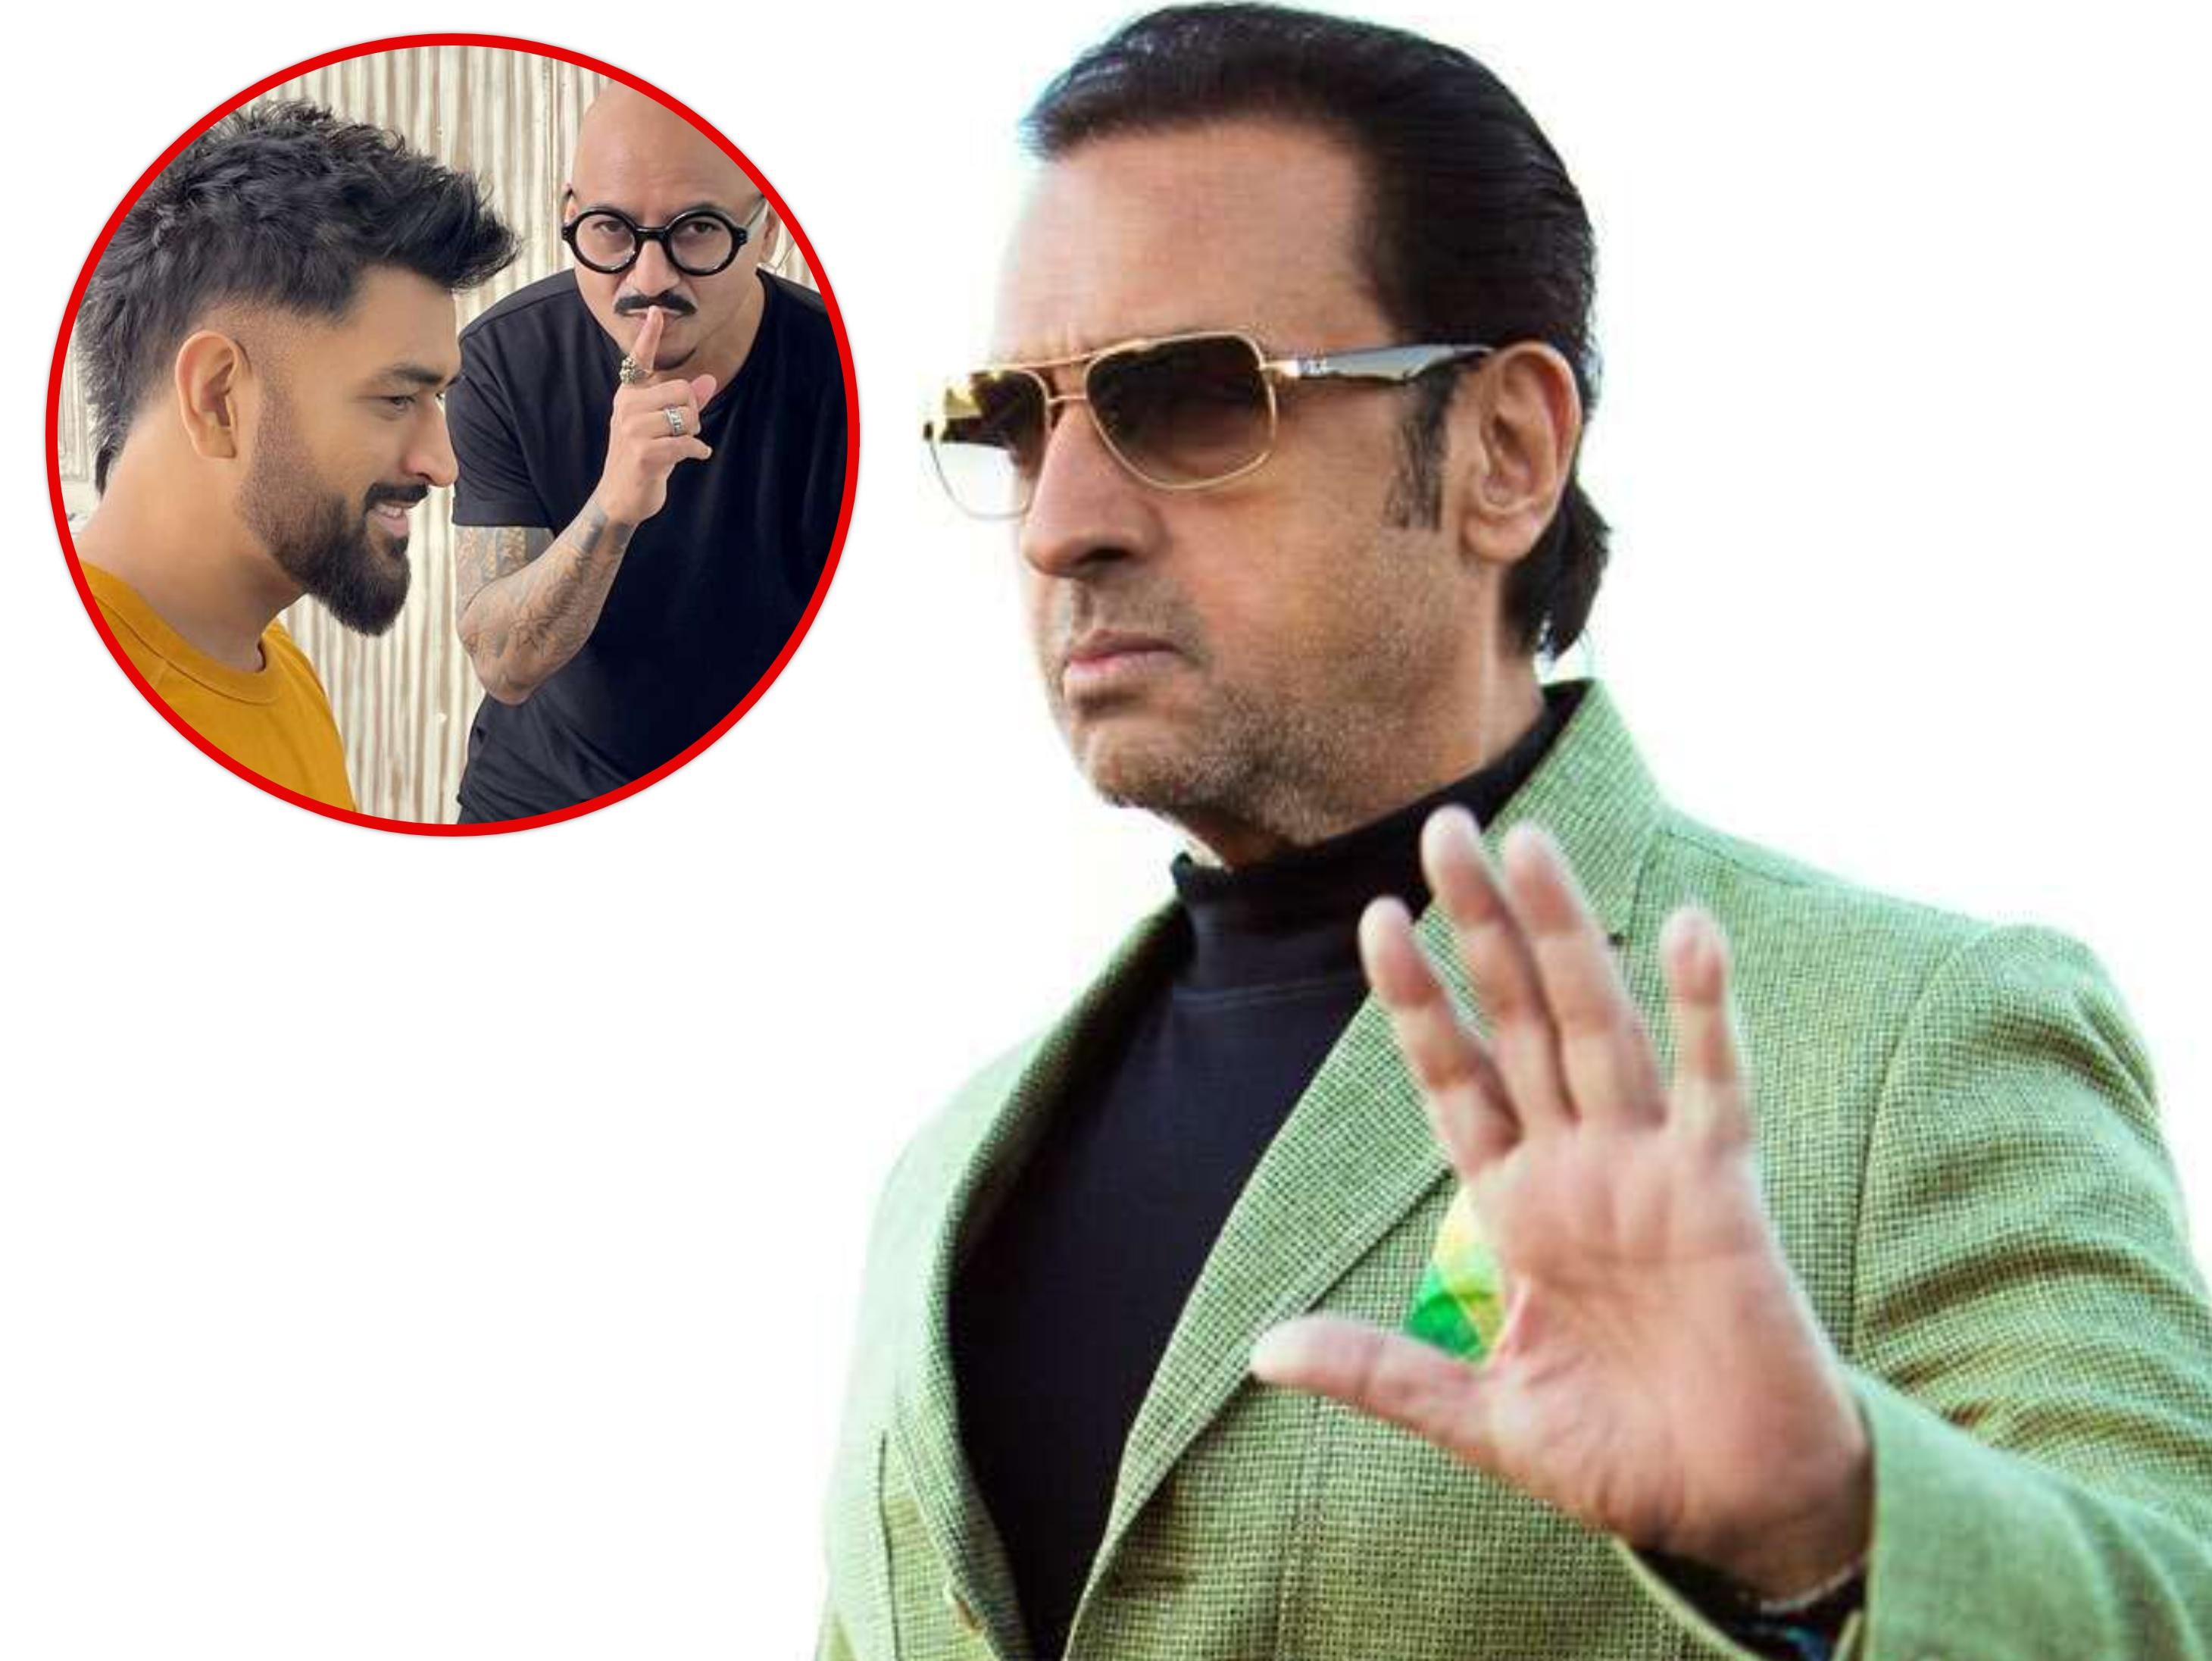 धोनी की वजह से इनसिक्योर हैं गुलशन ग्रोवर, बोले- माही भाई डॉन के रोल मत लेना वो मेरे धंधे पे लात होगा बॉलीवुड,Bollywood - Dainik Bhaskar